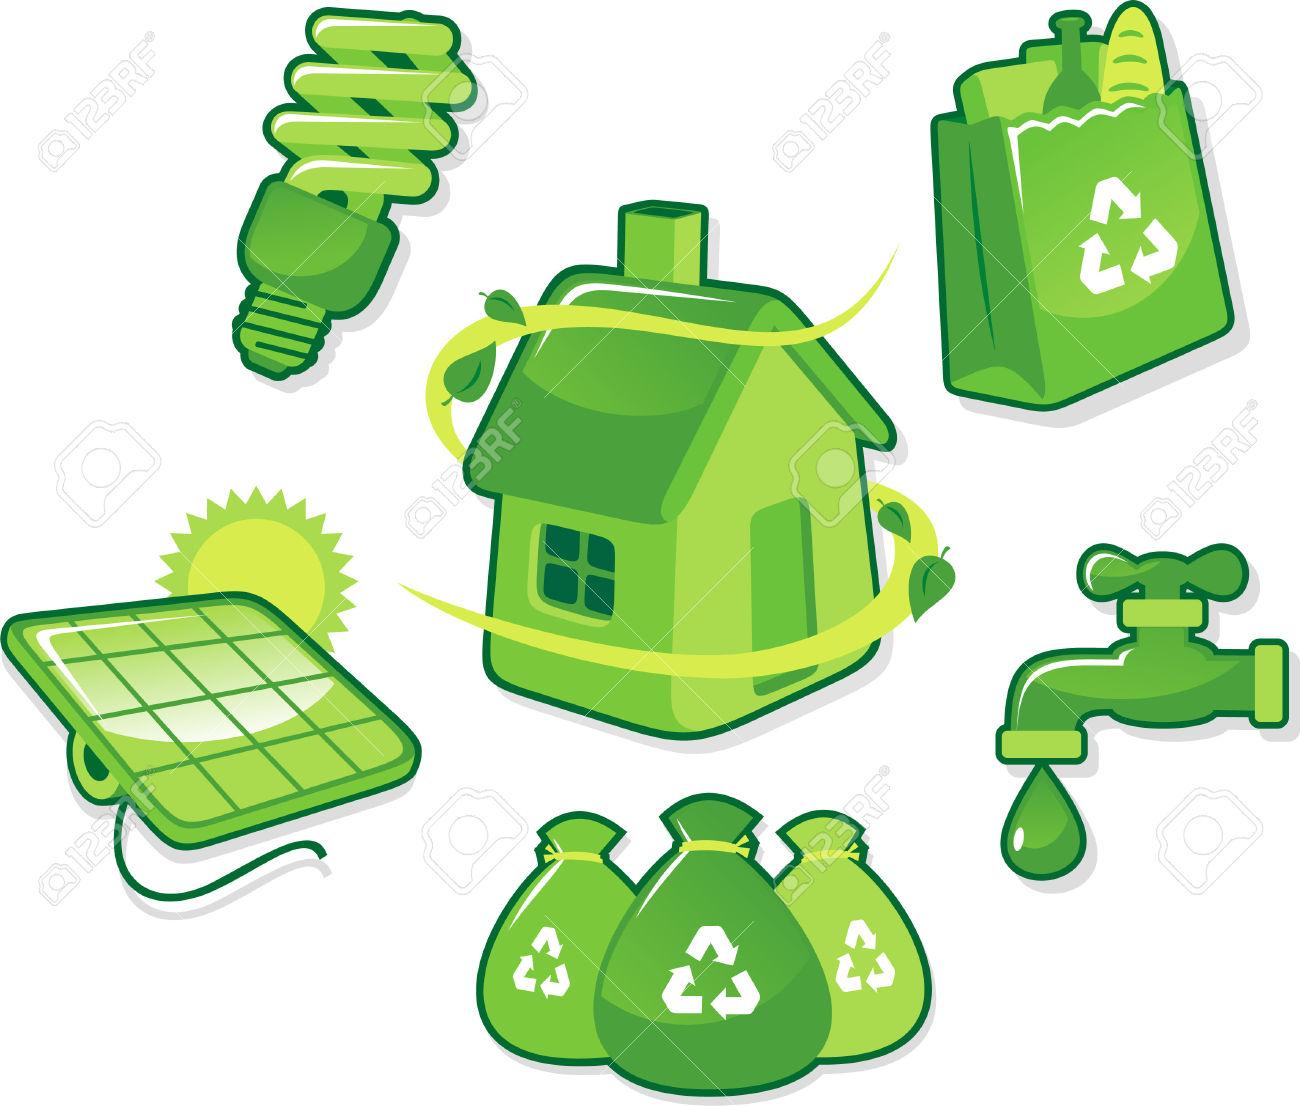 Ecologic Ecologist Ecology Ecological Environmental Life Icons.